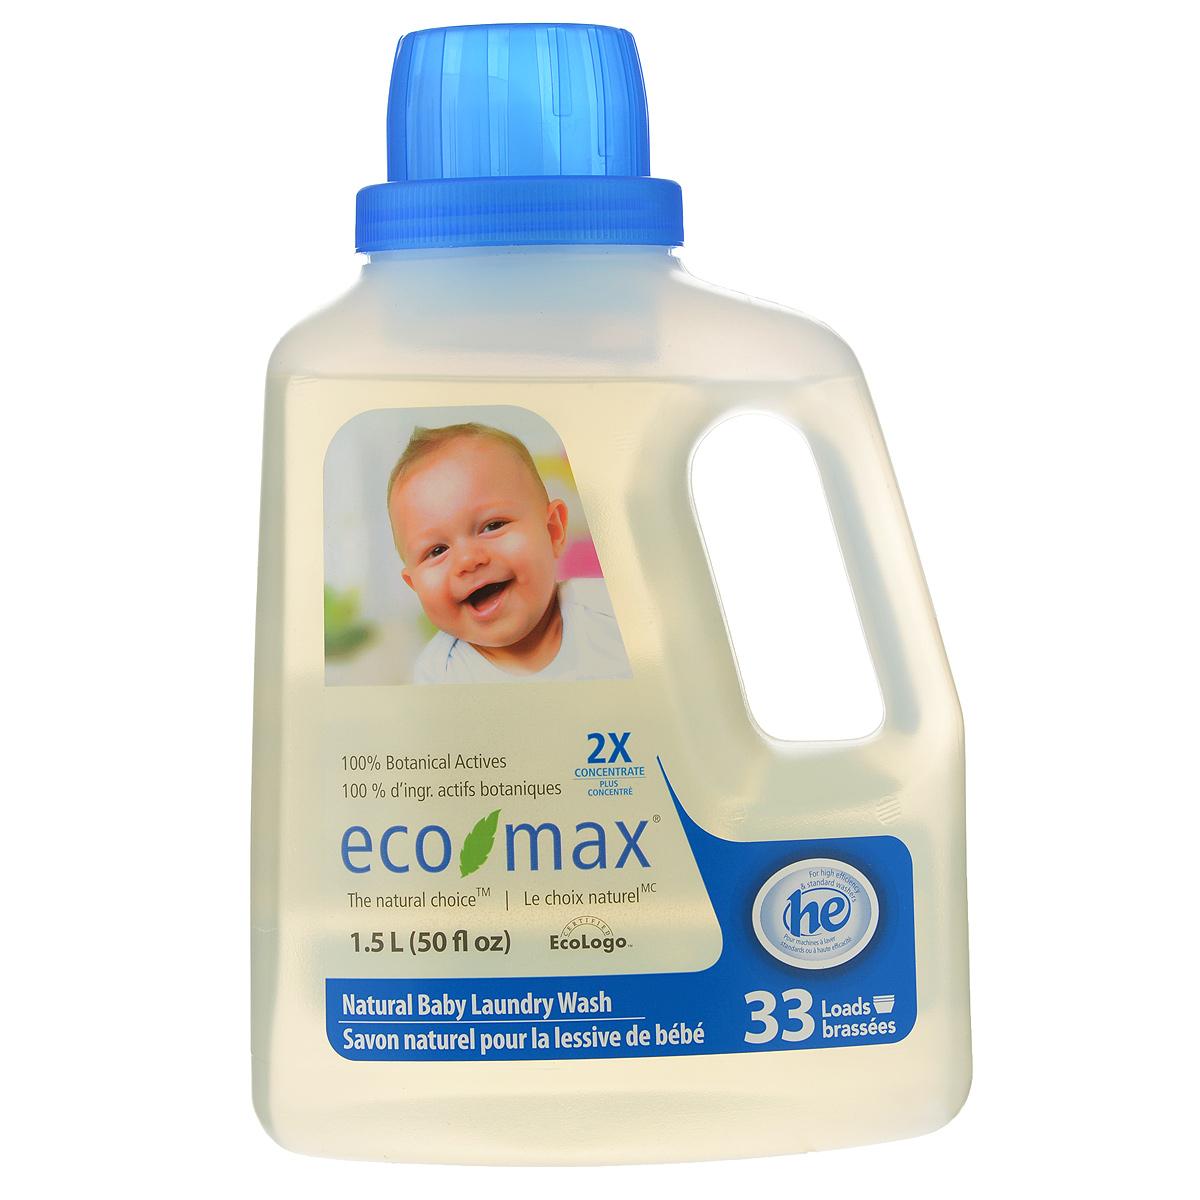 Жидкое средство для стирки детской одежды Eco Max, концентрированное, 1,5 лEmax-C135Жидкое концентрированное средство Eco Max предназначено для стирки детской одежды. Гипоаллергенное средство для стирки специально разработано без использования известных сенсибилизаторов и безопасно для людей, чувствительных к различным запахам. Прекрасно подходит для стирки детской одежды. Благодаря низкому пенообразованию и отсутствию осадка безопасно для использования в стиральной машине. Одна бутылка этого концентрированного средства рассчитана на 35 стандартных загрузок. Подходит для ручной и машинной стирки, для всех типов ткани. Состав: вода, полигликозиды (из кокосового масла и кукурузного сиропа), пищевой цитрат натрия, пищевой загуститель, пищевая лимонная кислота и пищевой сорбат калия. Товар сертифицирован.